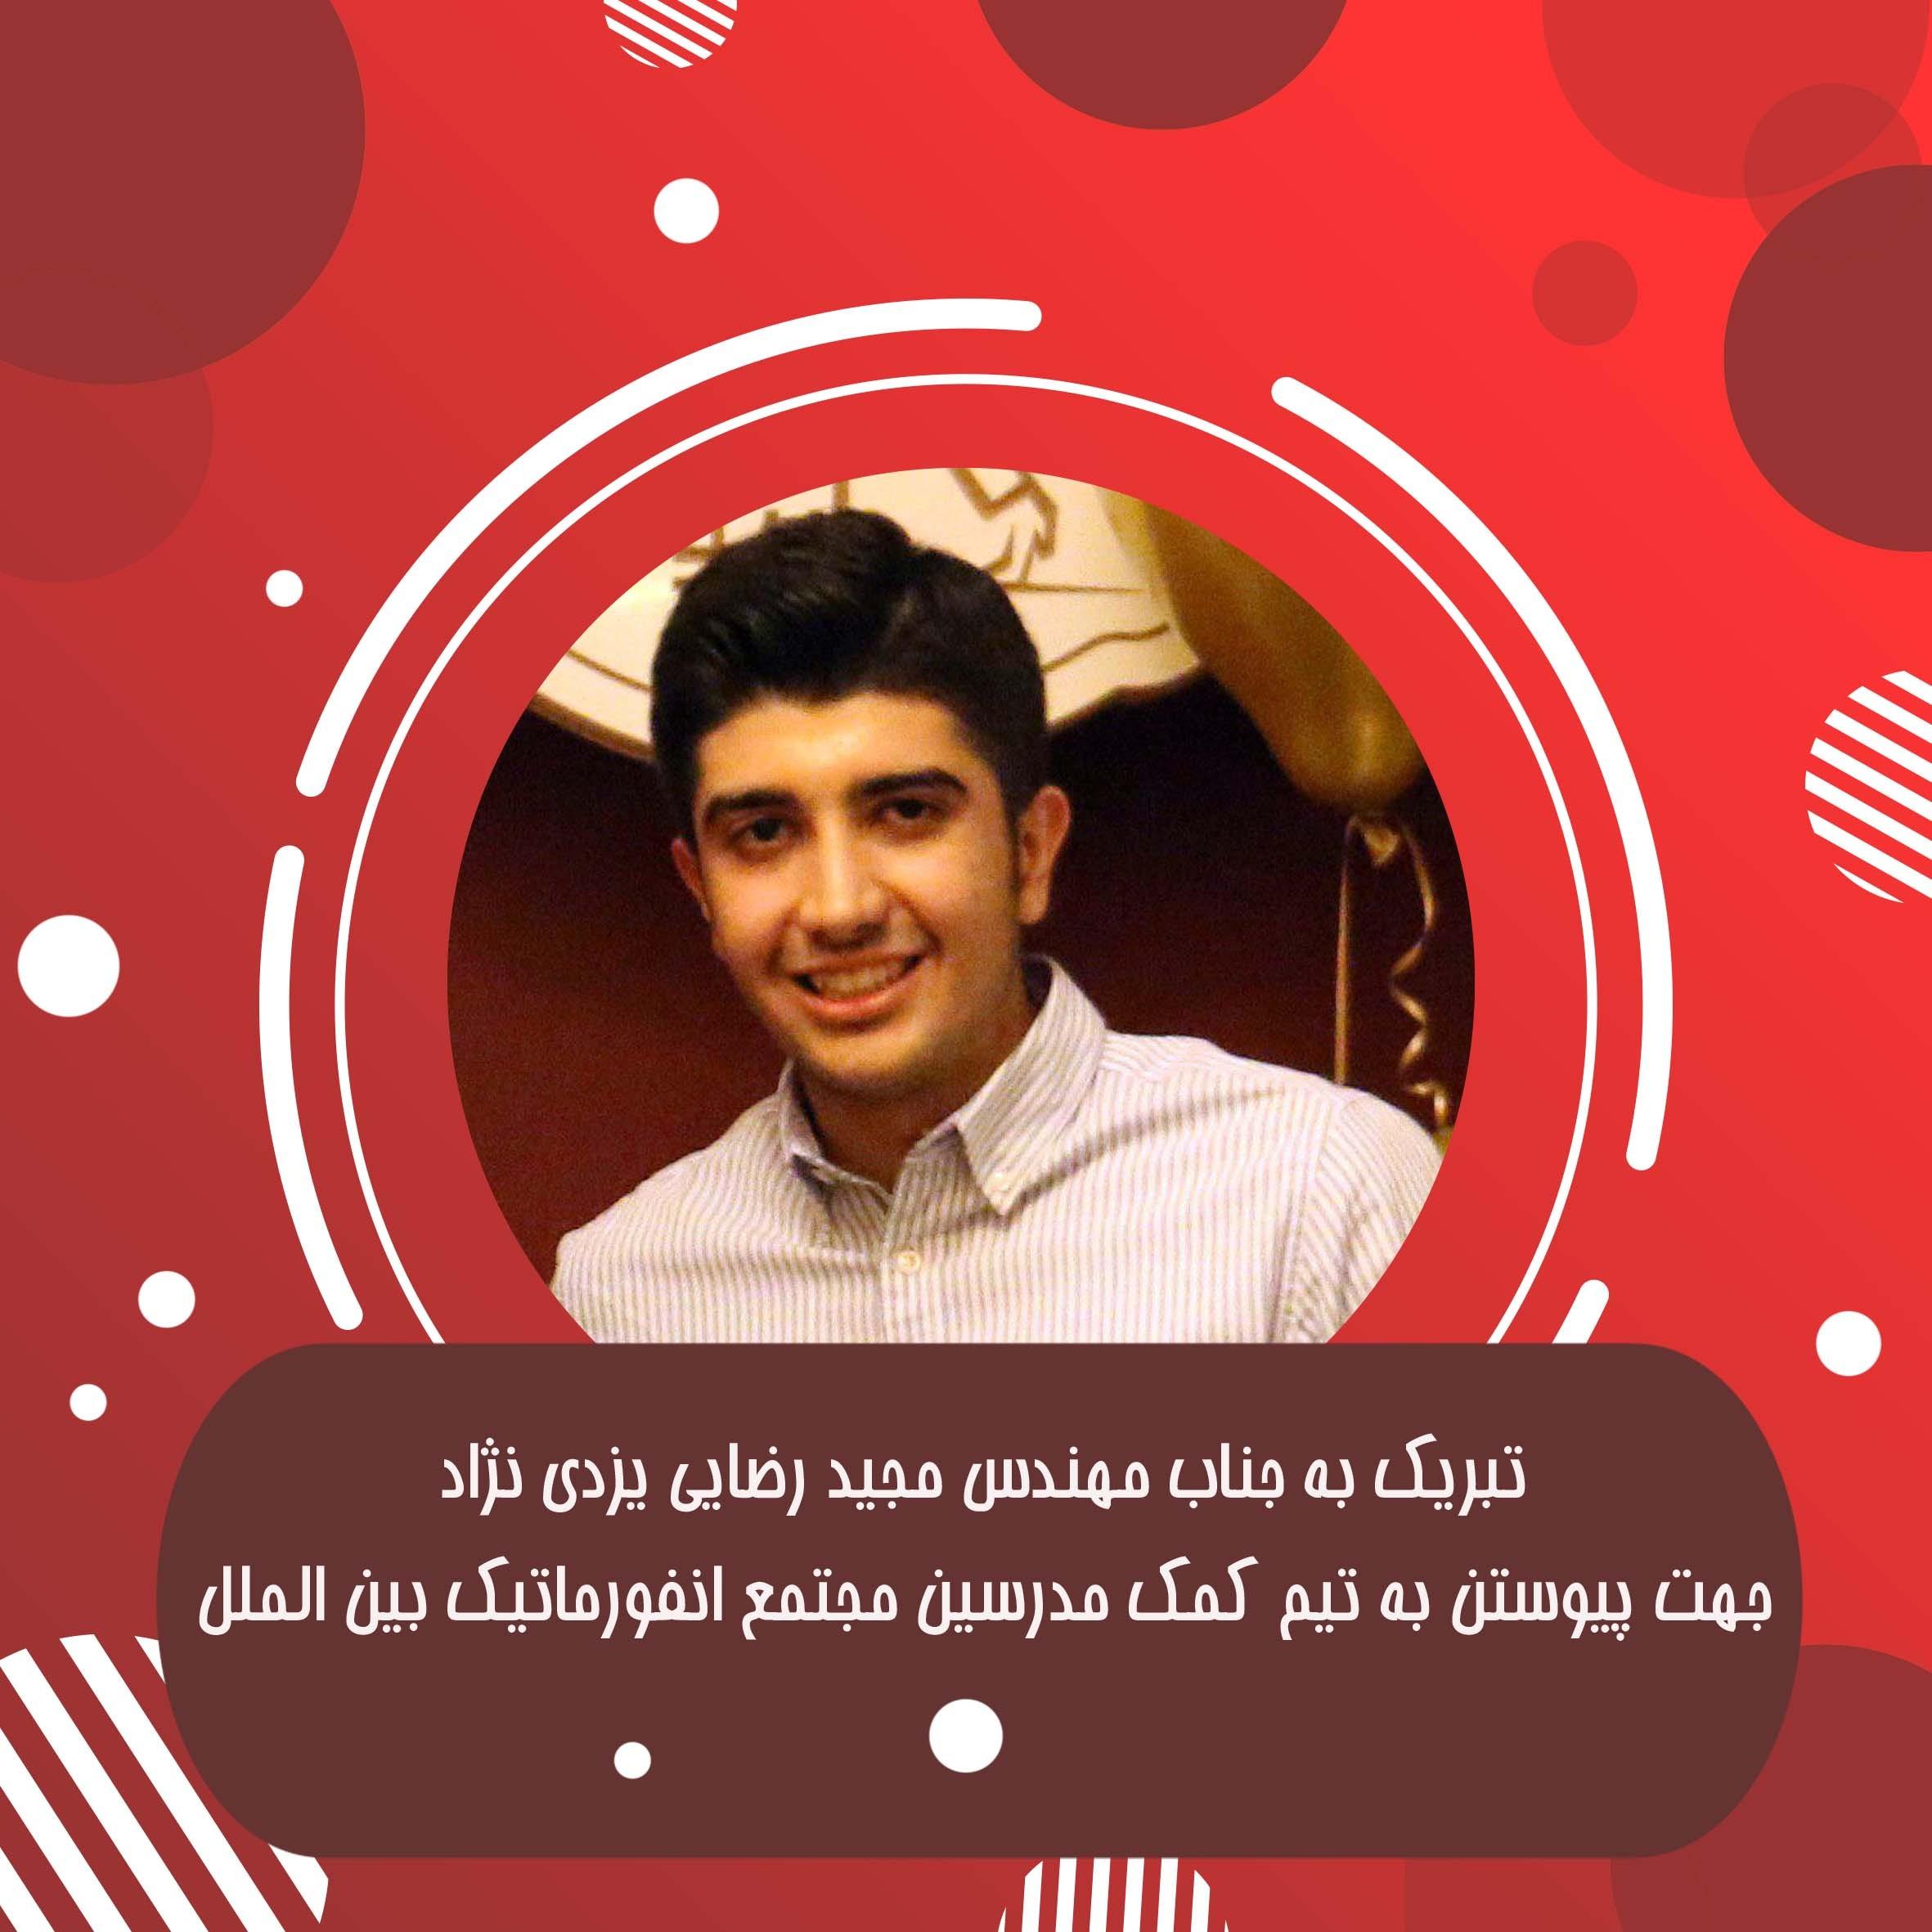 تبریک به مهندس مجید رضایی یزدی نژاد جهت پیوستن به تیم کمک مدرسین